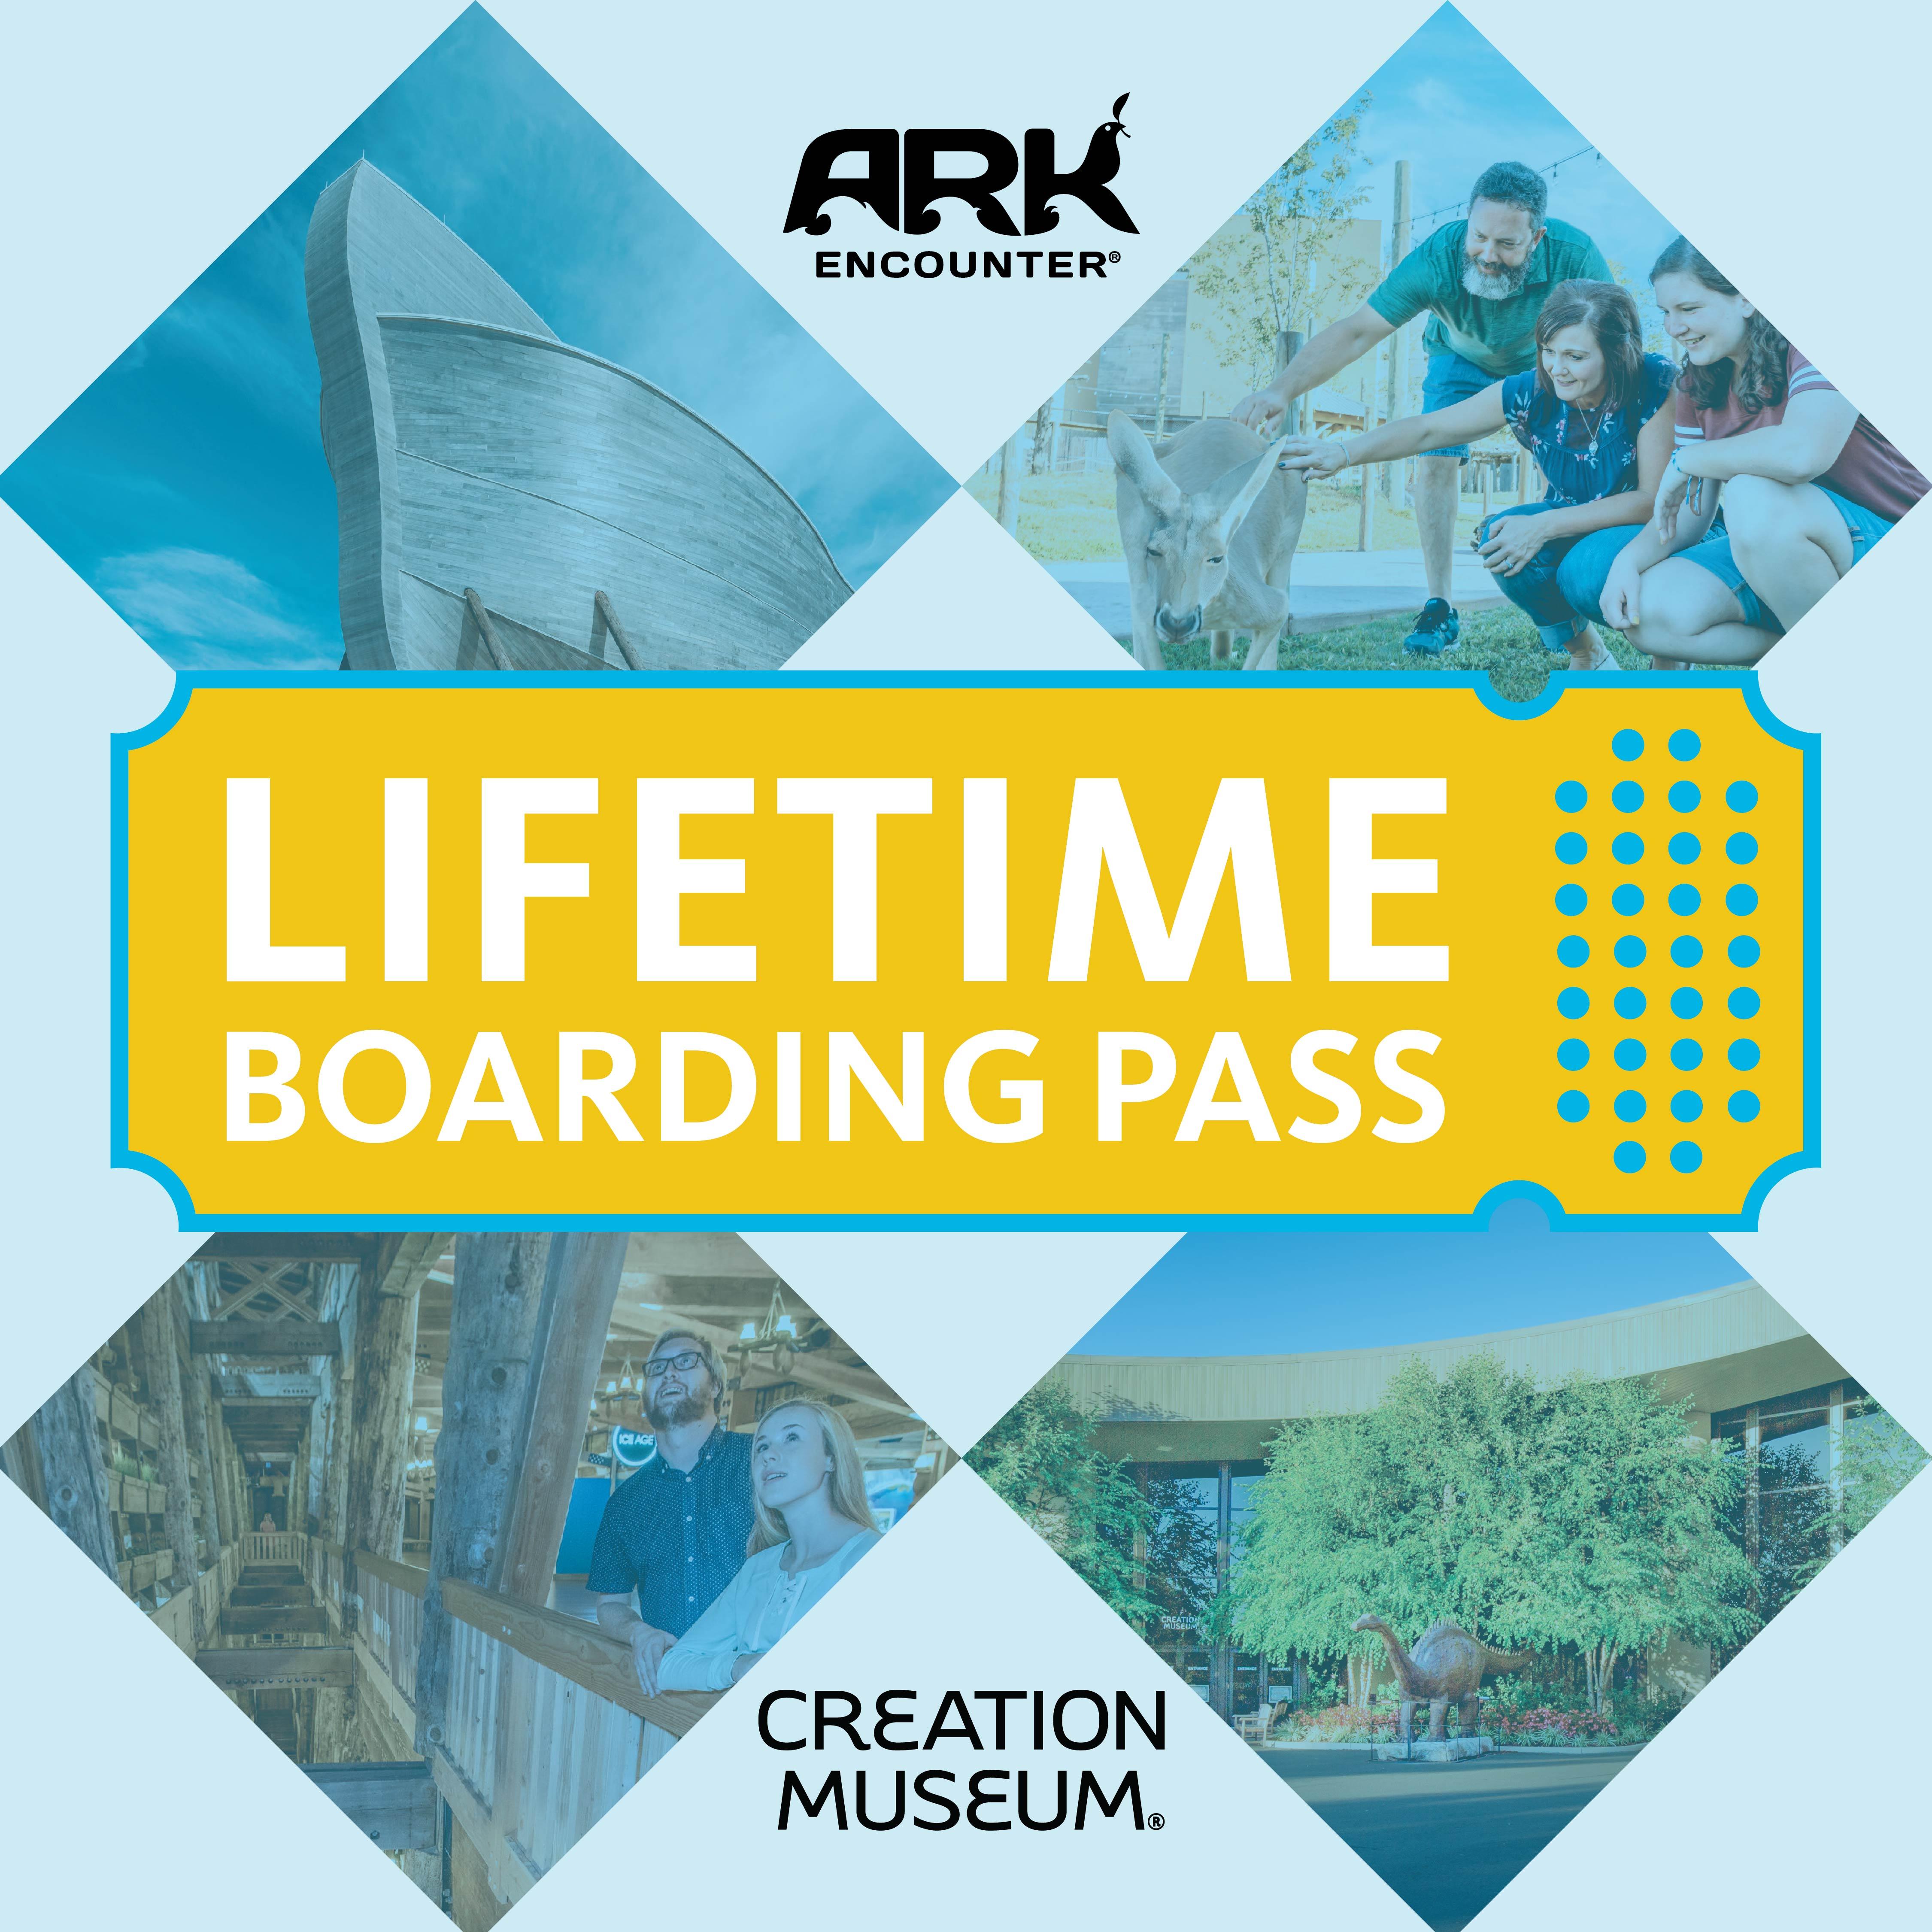 Lifetime Boarding Passes